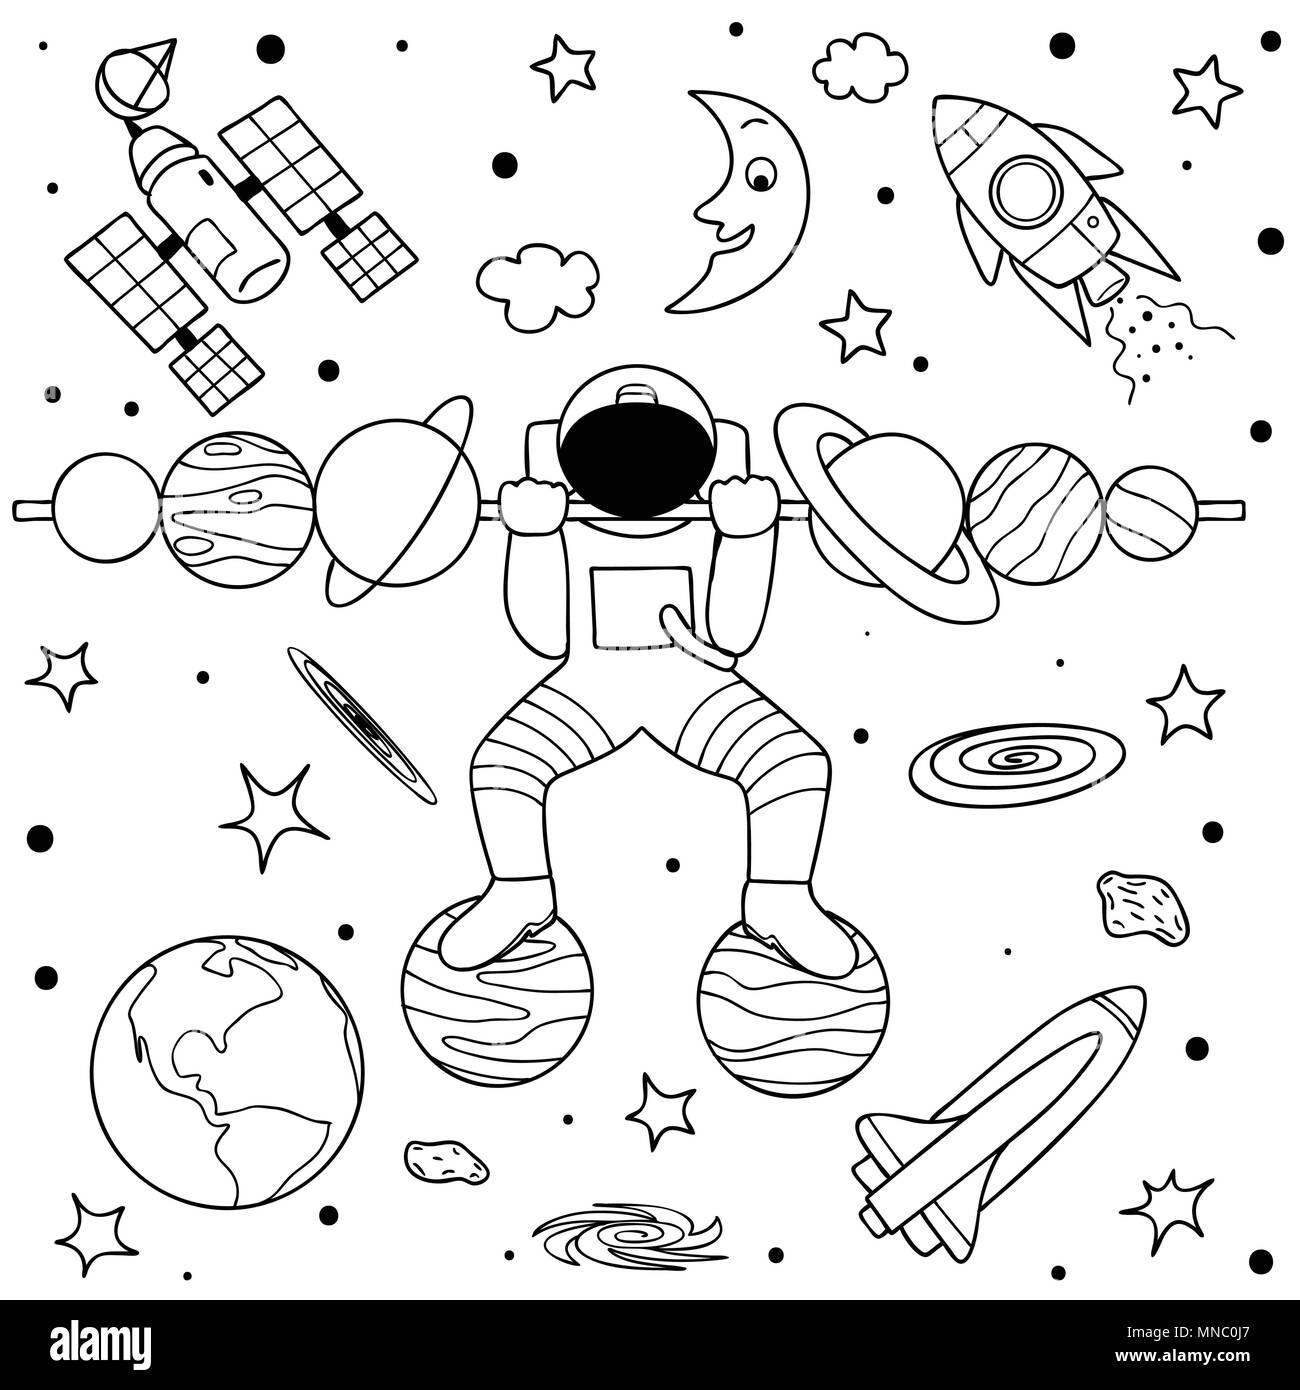 De Droles De Planetes Faisant Le Levage De Poids Dans L Espace